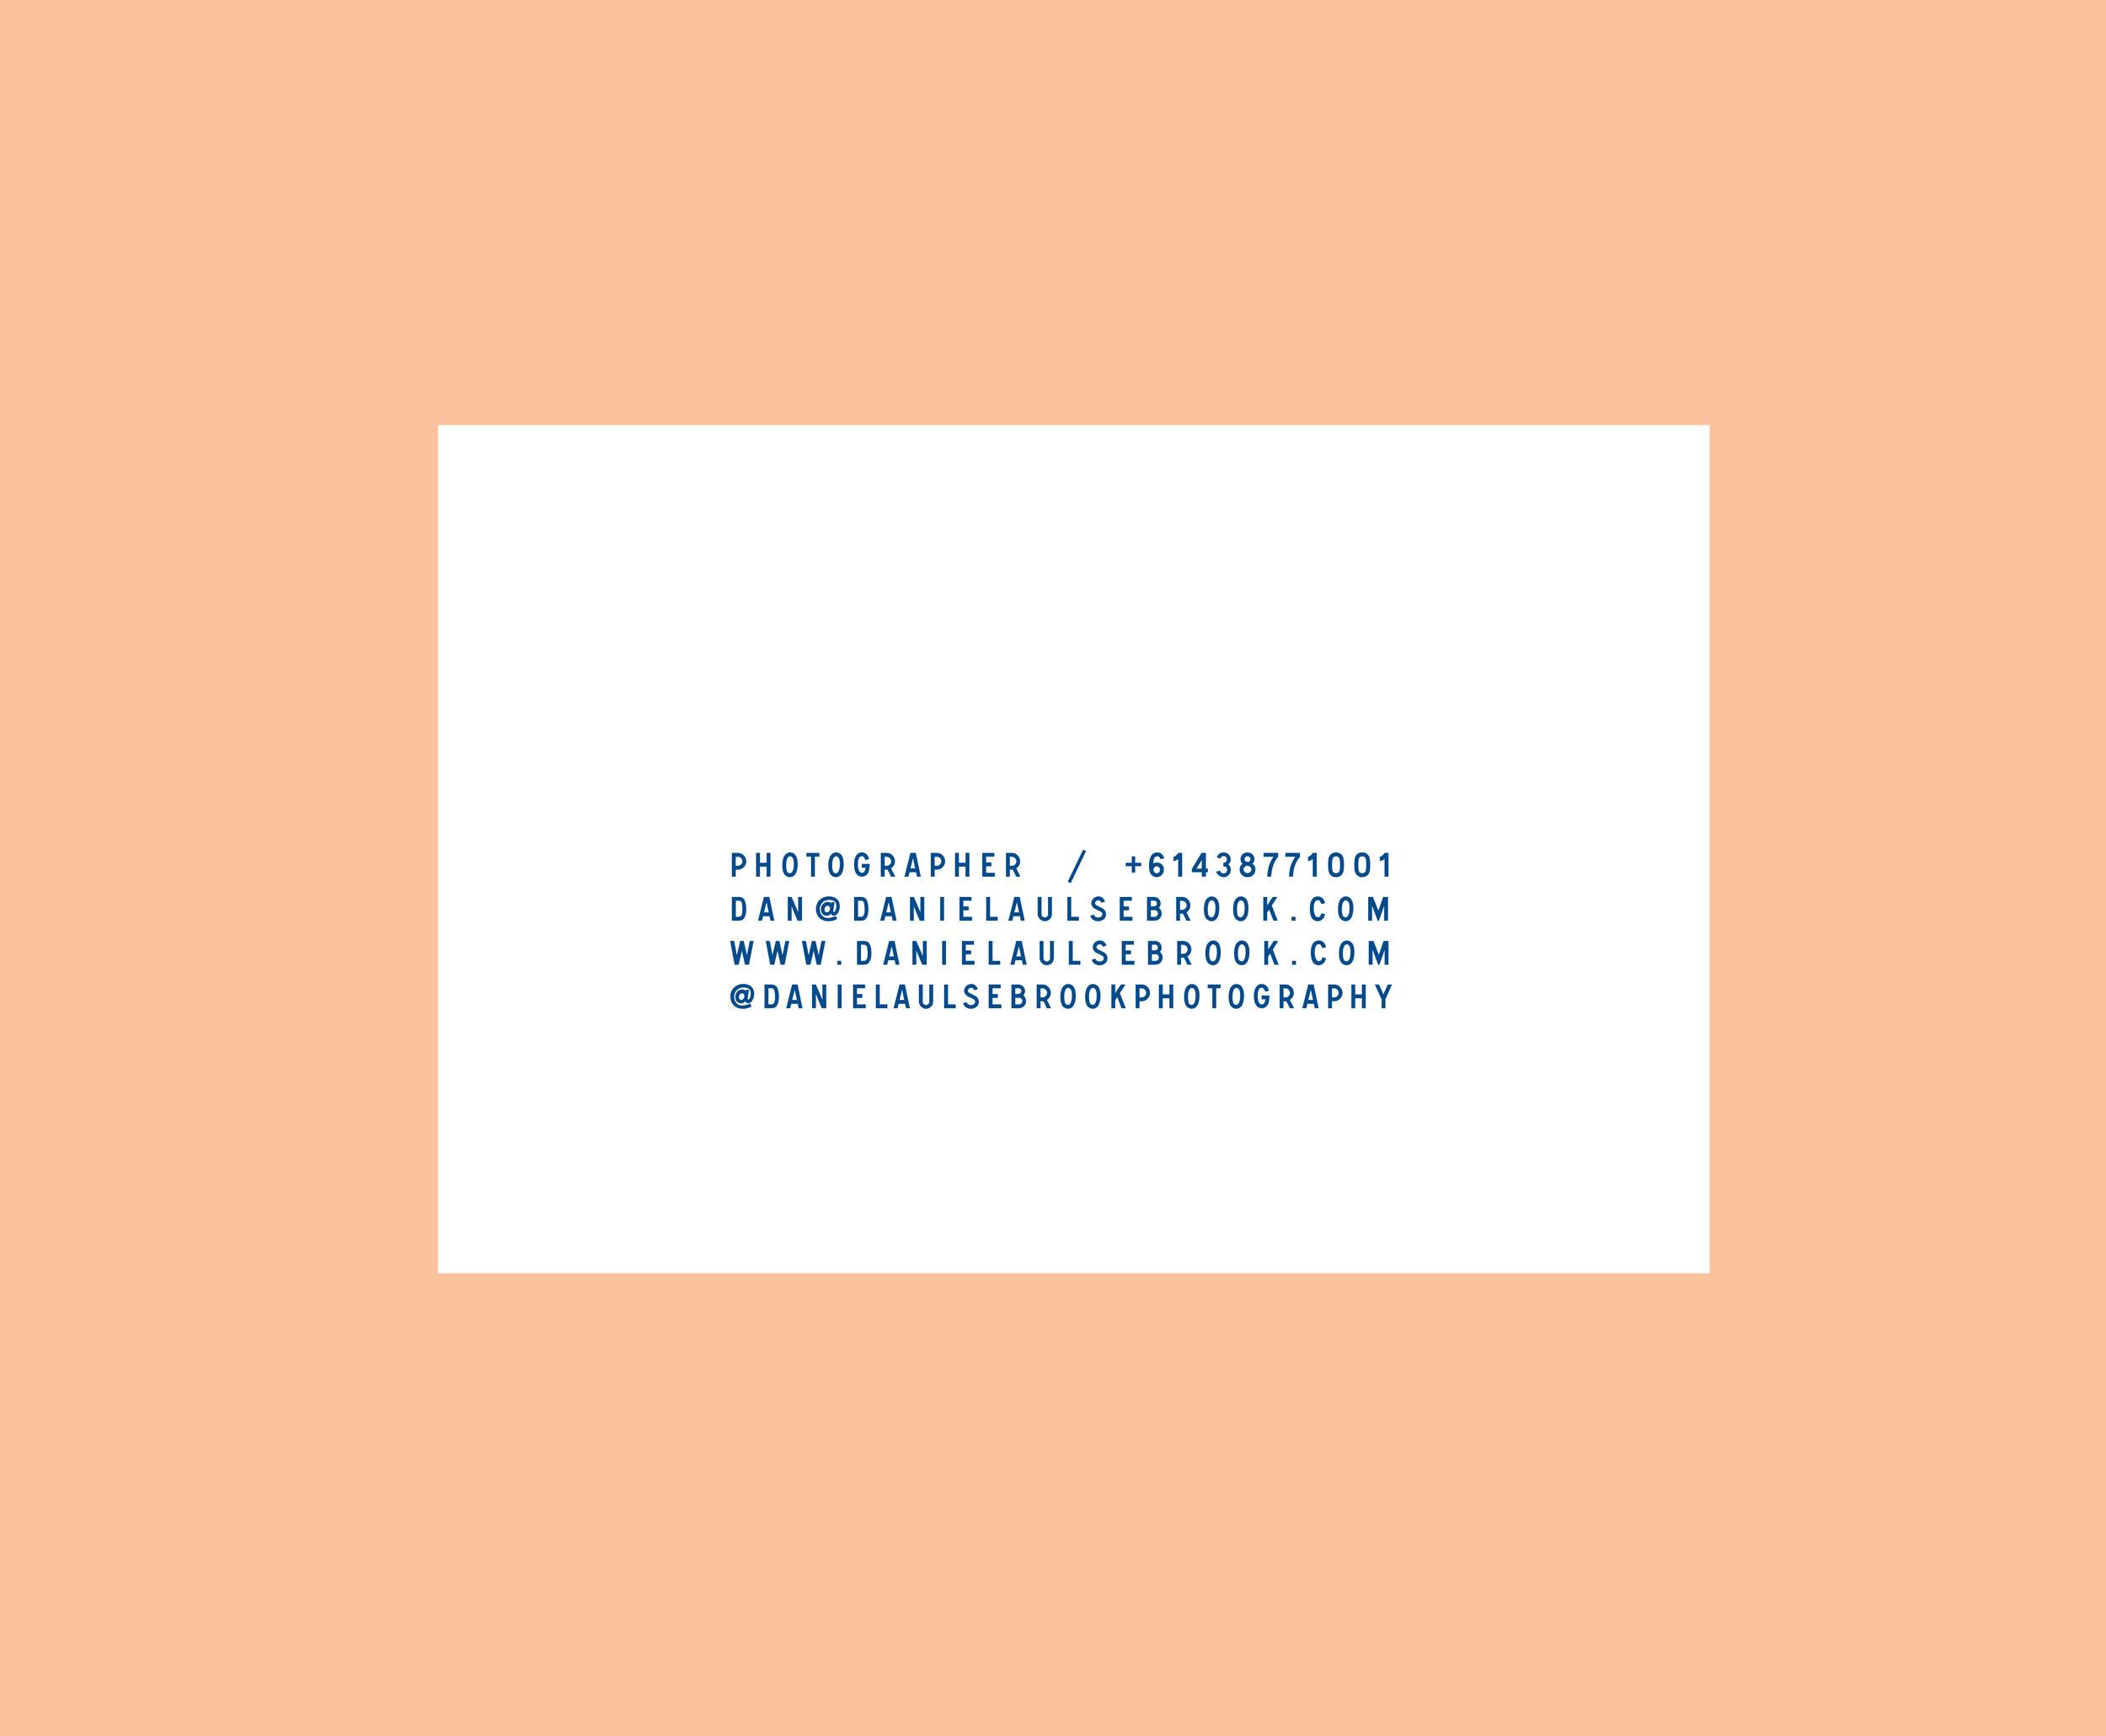 dan card mock up-02.jpg